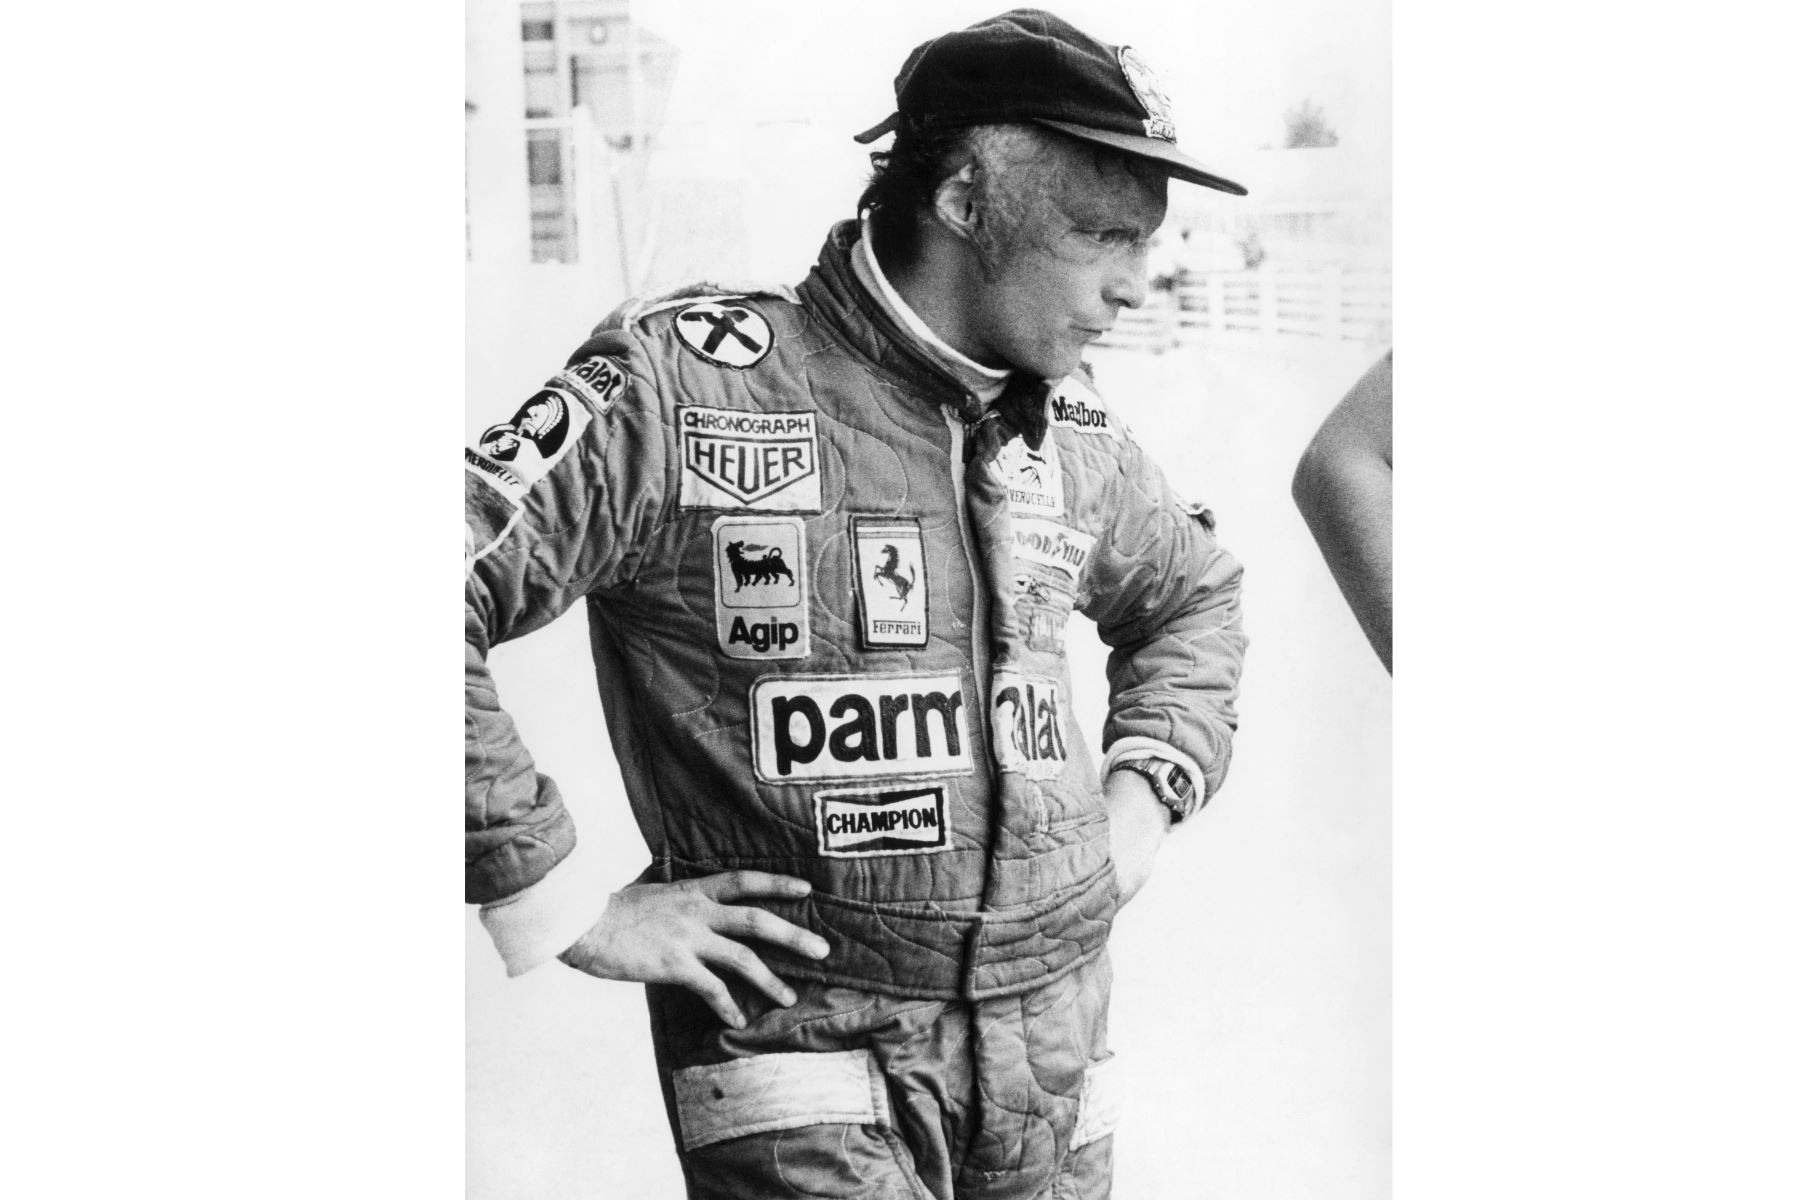 Fotografía de archivo realizada el 26 de abril de 1977 del expiloto Niki Lauda durante un entrenamiento en el circuito del Jarama, en Madrid.Foto: EFE